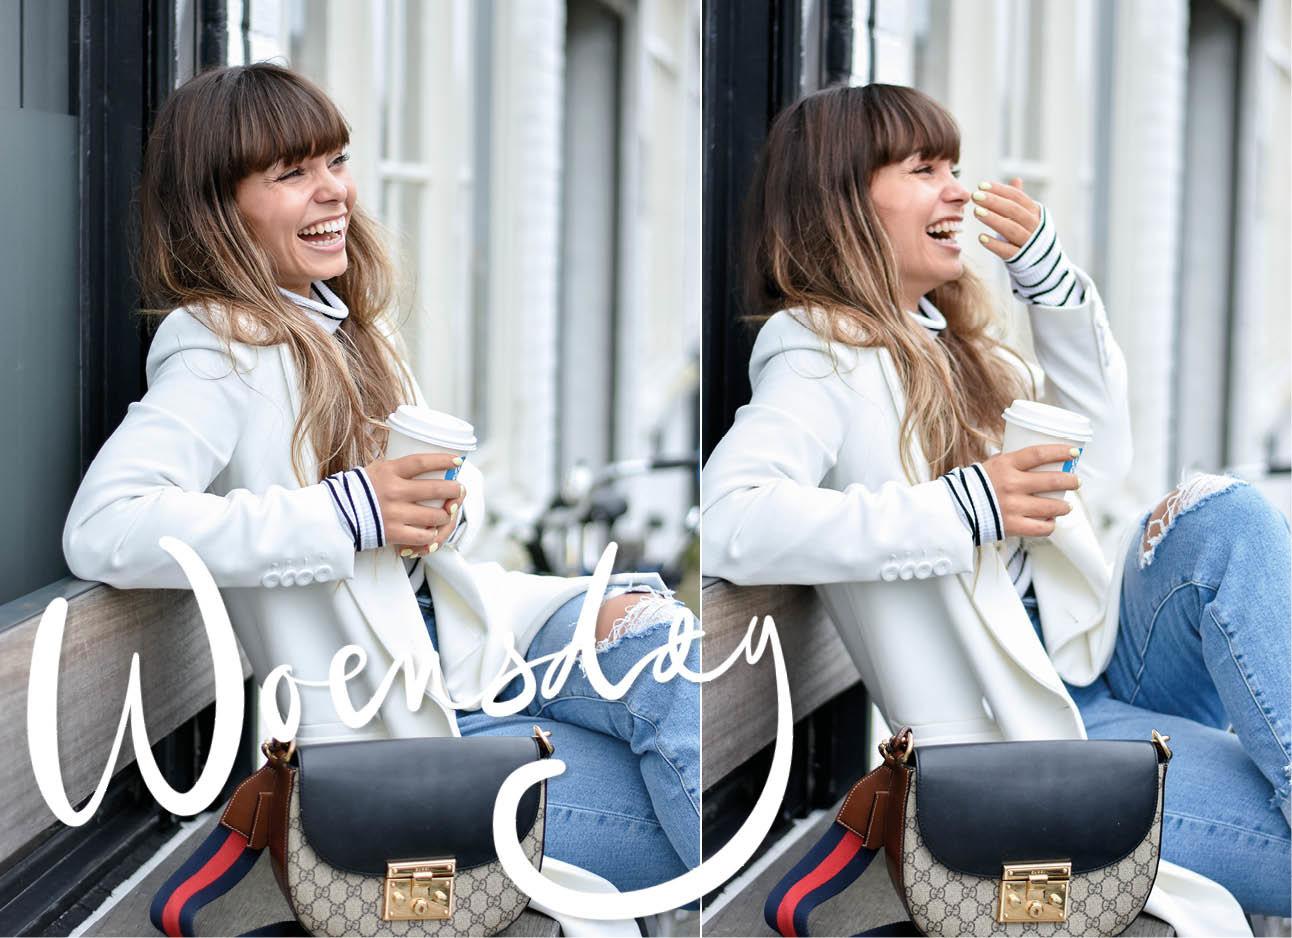 kiki die ergens op zit met naast zich een gucci tas, ze daagt een wit jasje en een spijkerbroek